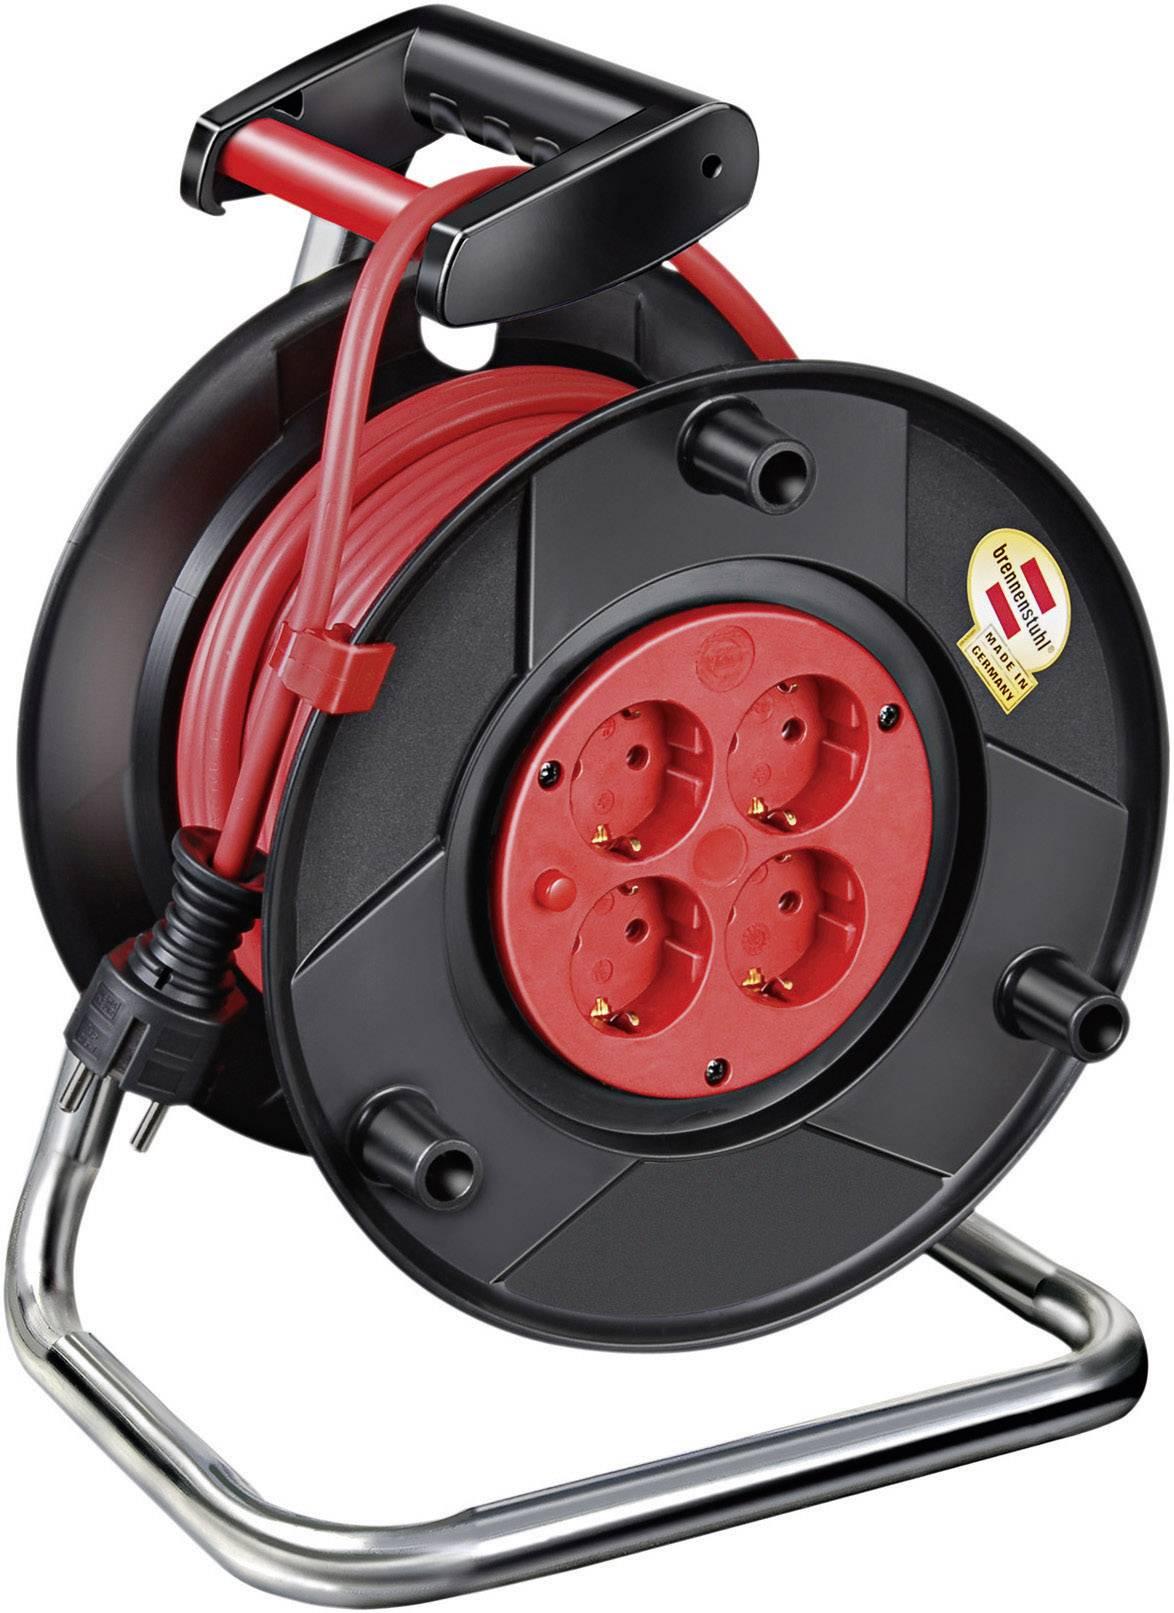 Kabelový buben Brennenstuhl Garant 240, 1218450794, 4 zásuvky, 20 m, červená